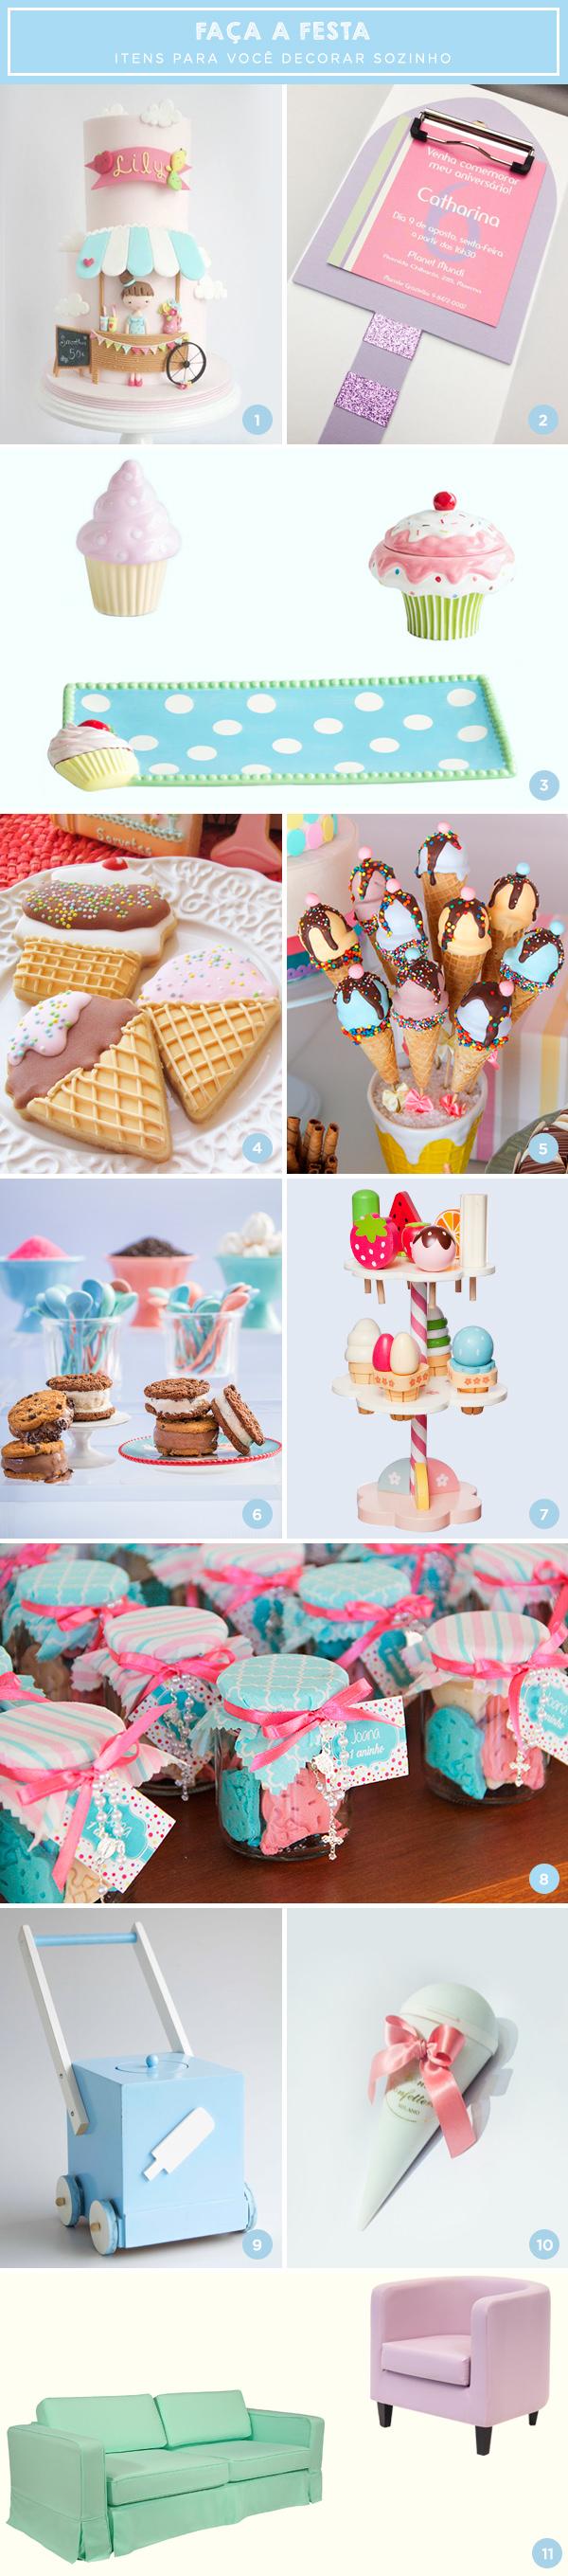 Faça a festa: 11 itens com tema sorveteria